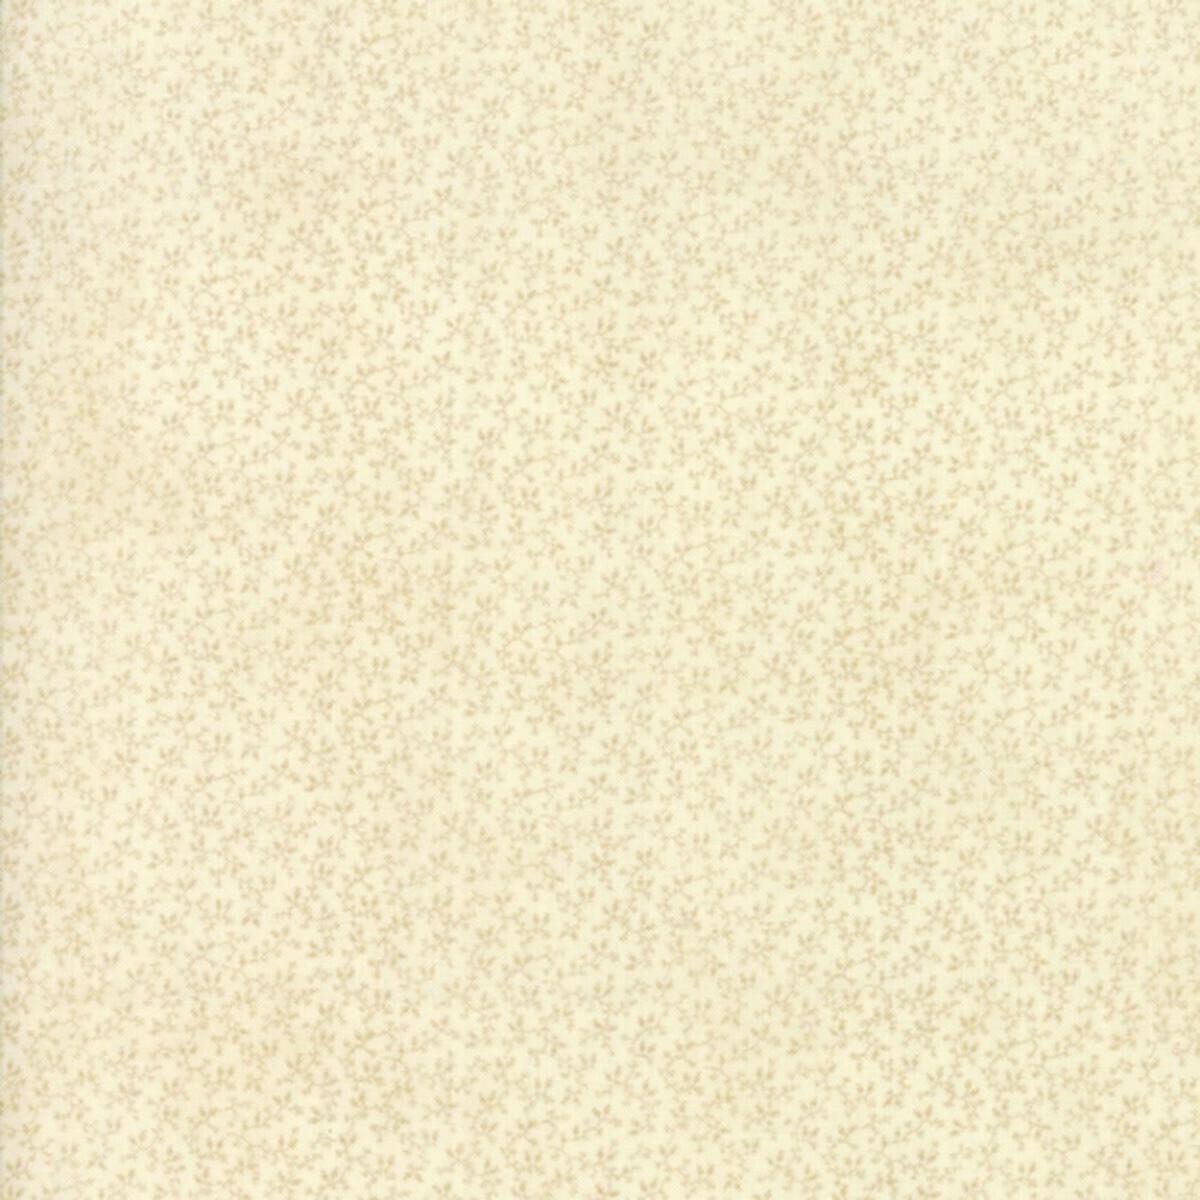 Cinnaberry Lys beige 44207-12